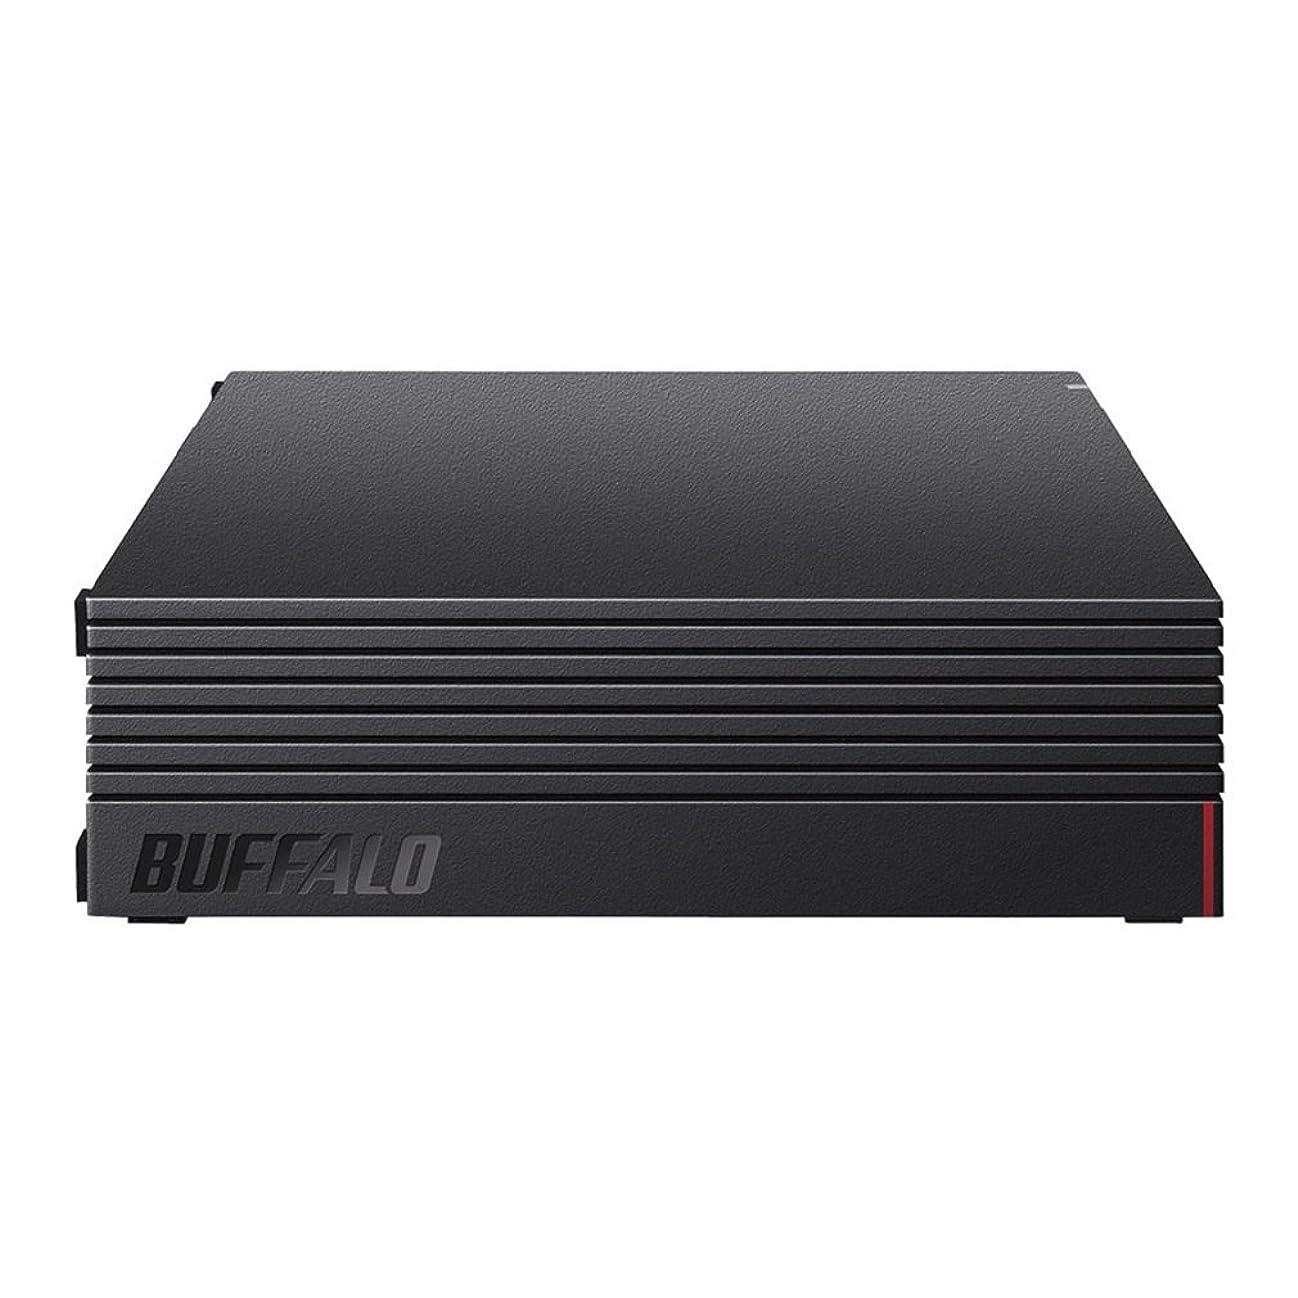 小学生マイクロ本土Samsung microSDカード32GB EVOPlus Class10 UHS-I対応 Nintendo Switch 動作確認済 正規代理店保証品 MB-MC32GA/ECO